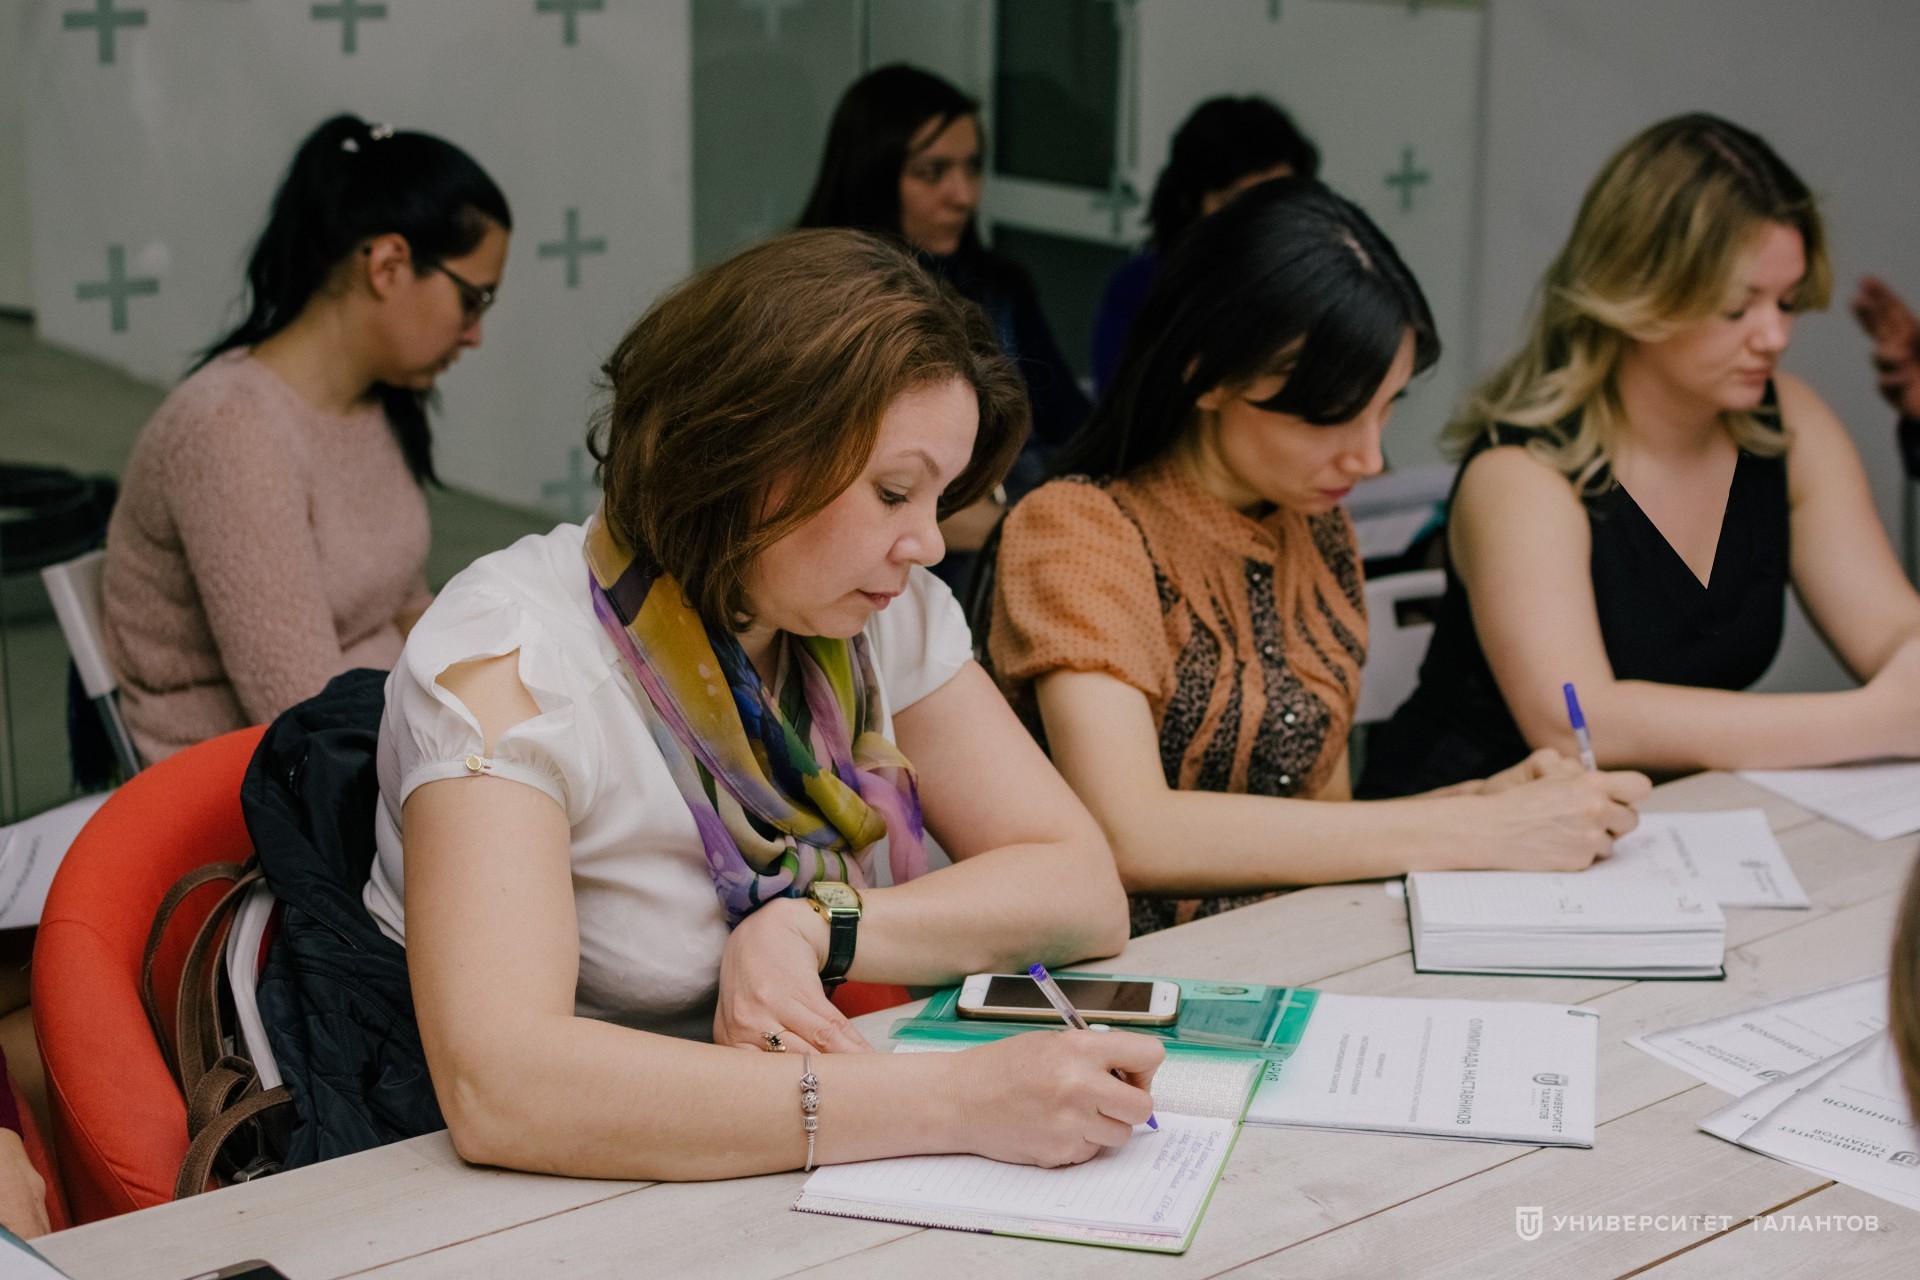 Будущие наставники Университета Талантов пройдут обучение по программе профессиональной переподготовки